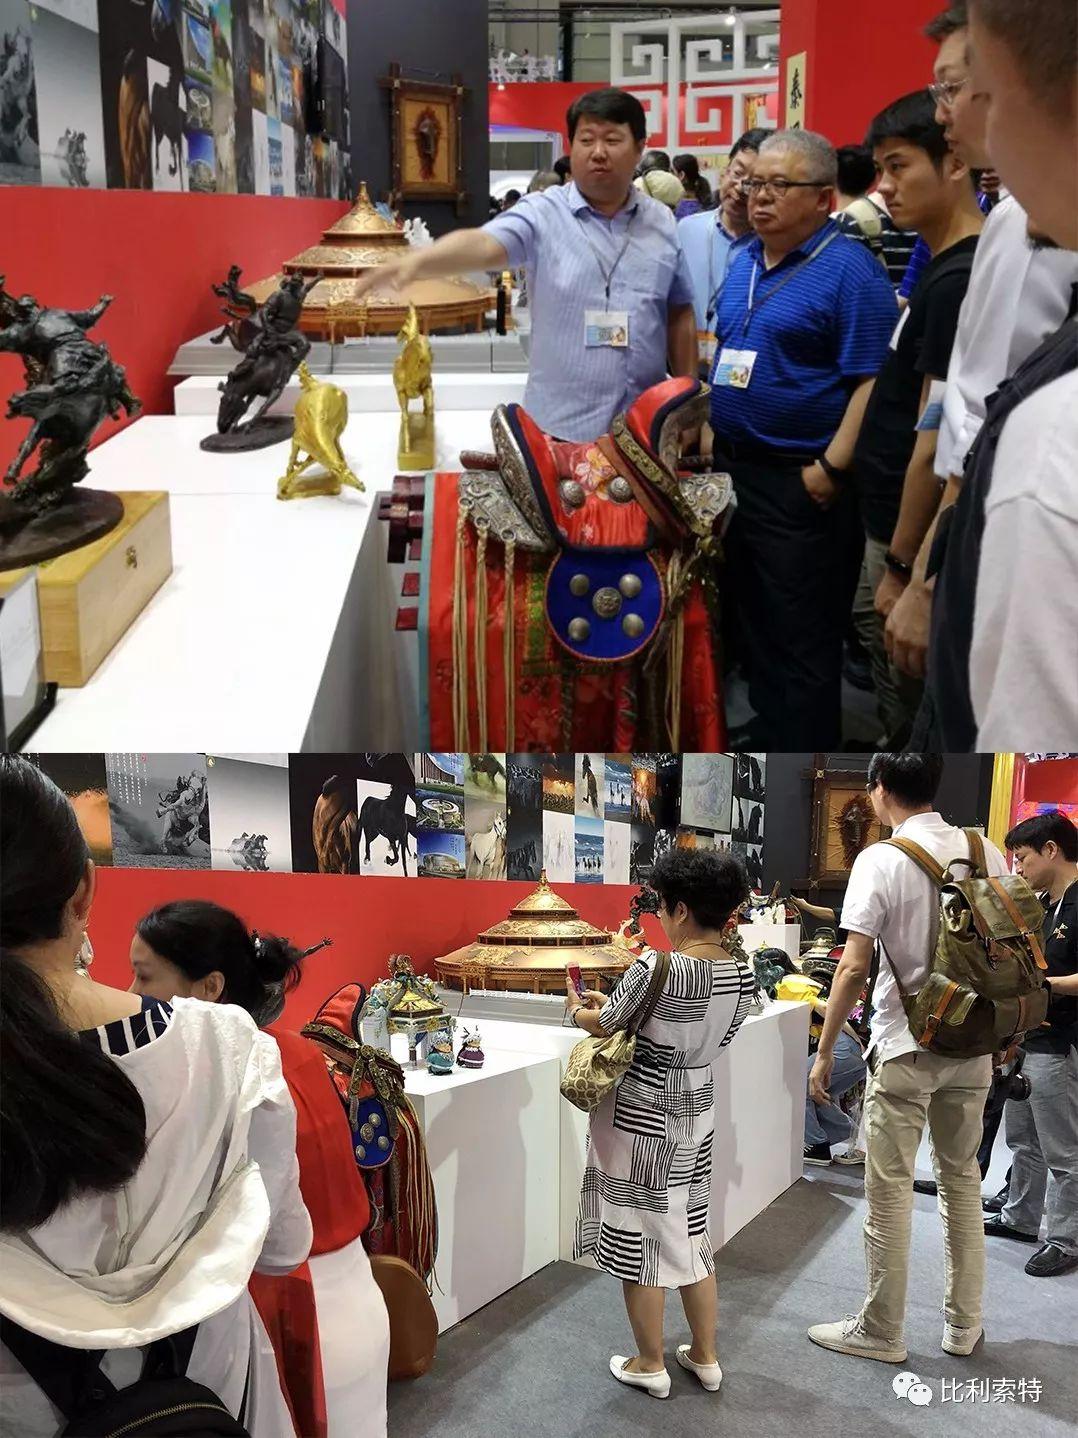 这几个草原汉子在深圳文博会干嘛?????? 第14张